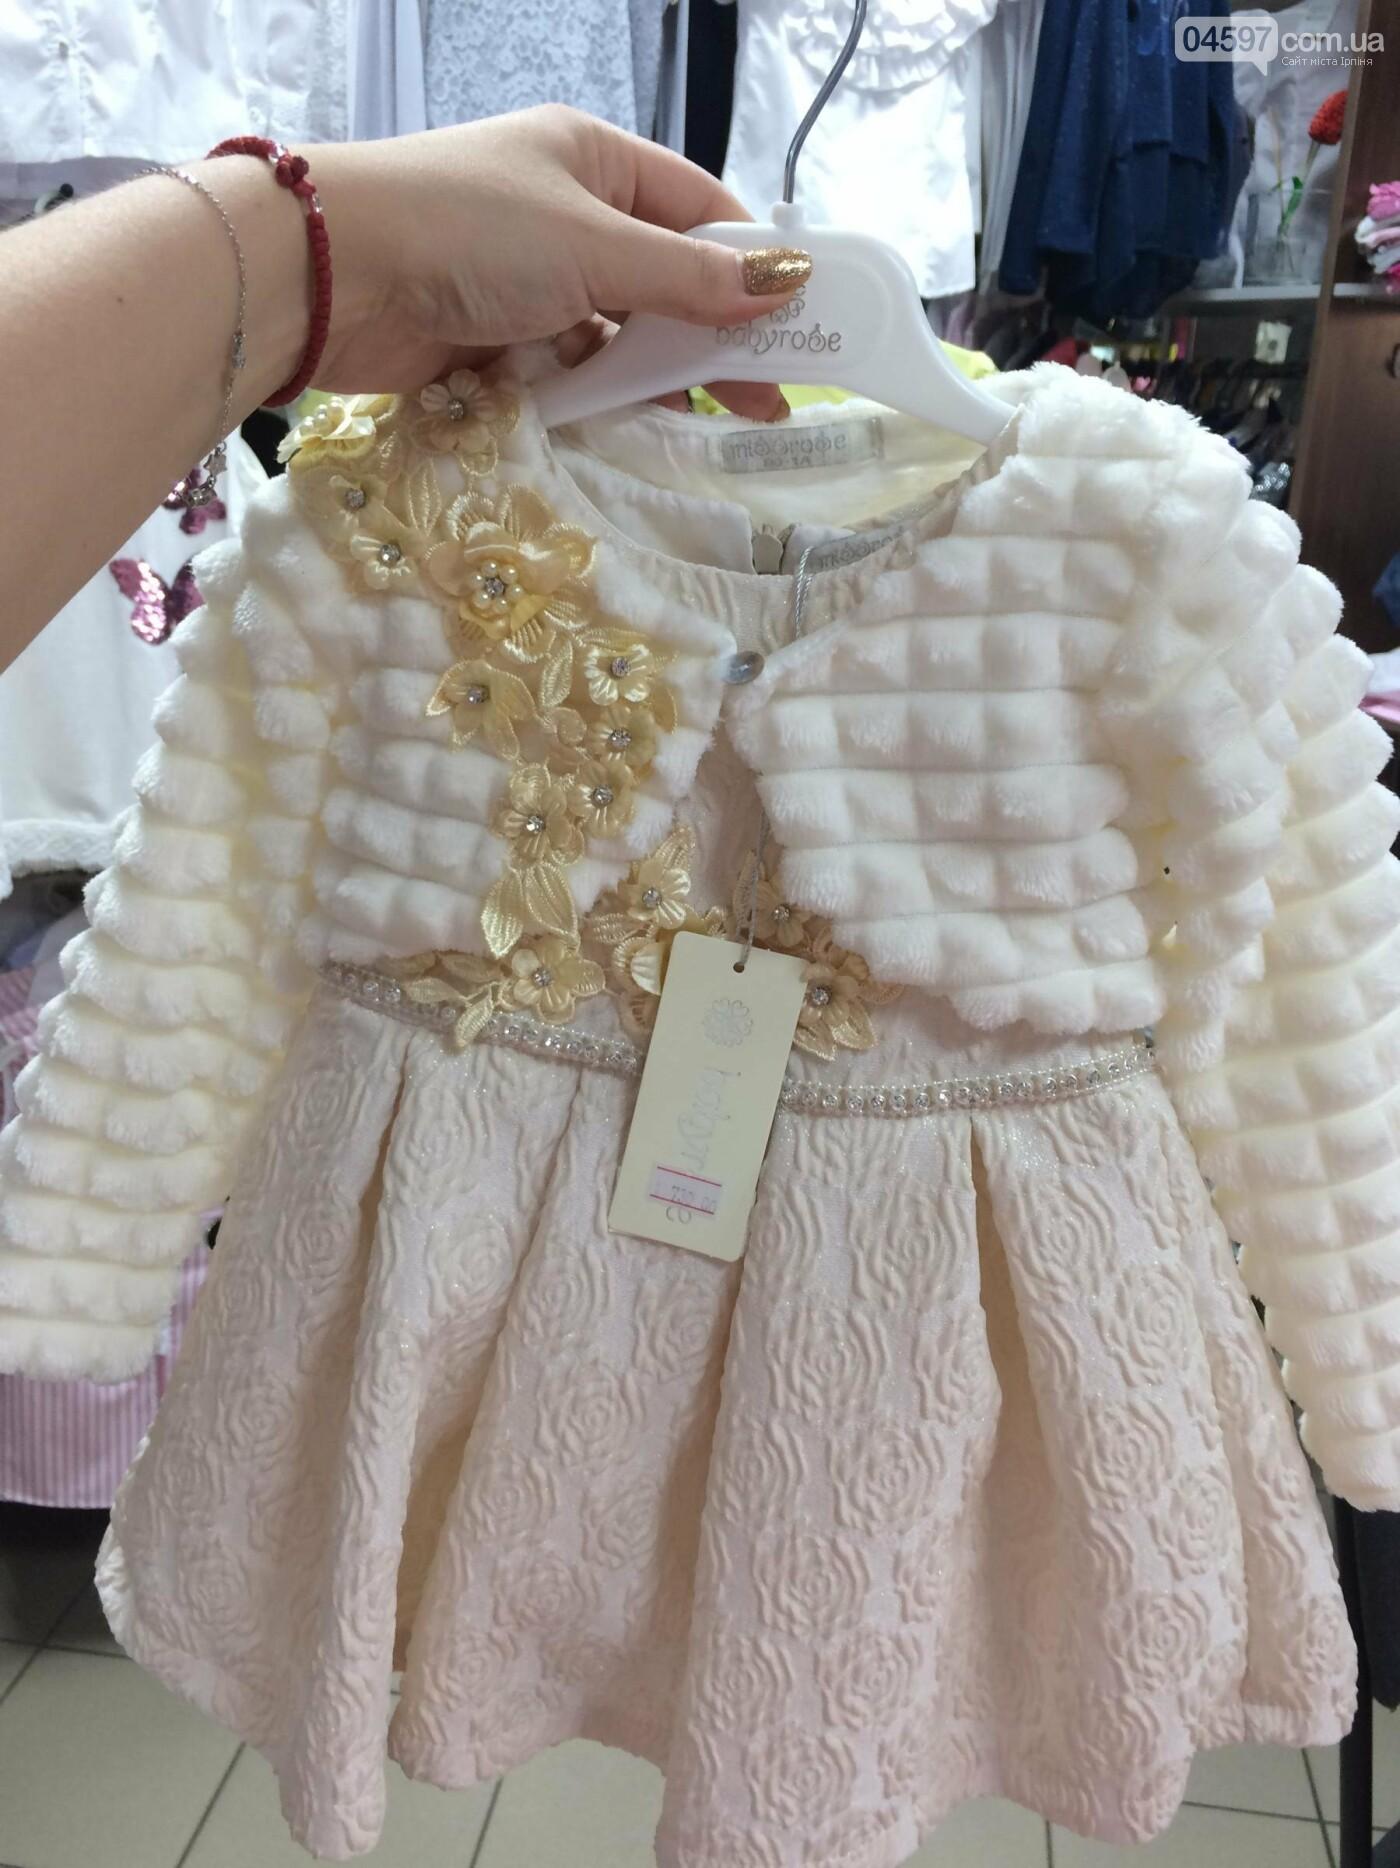 Де купити дитячий одяг в Ірпені: асортимент та ціни, фото-86